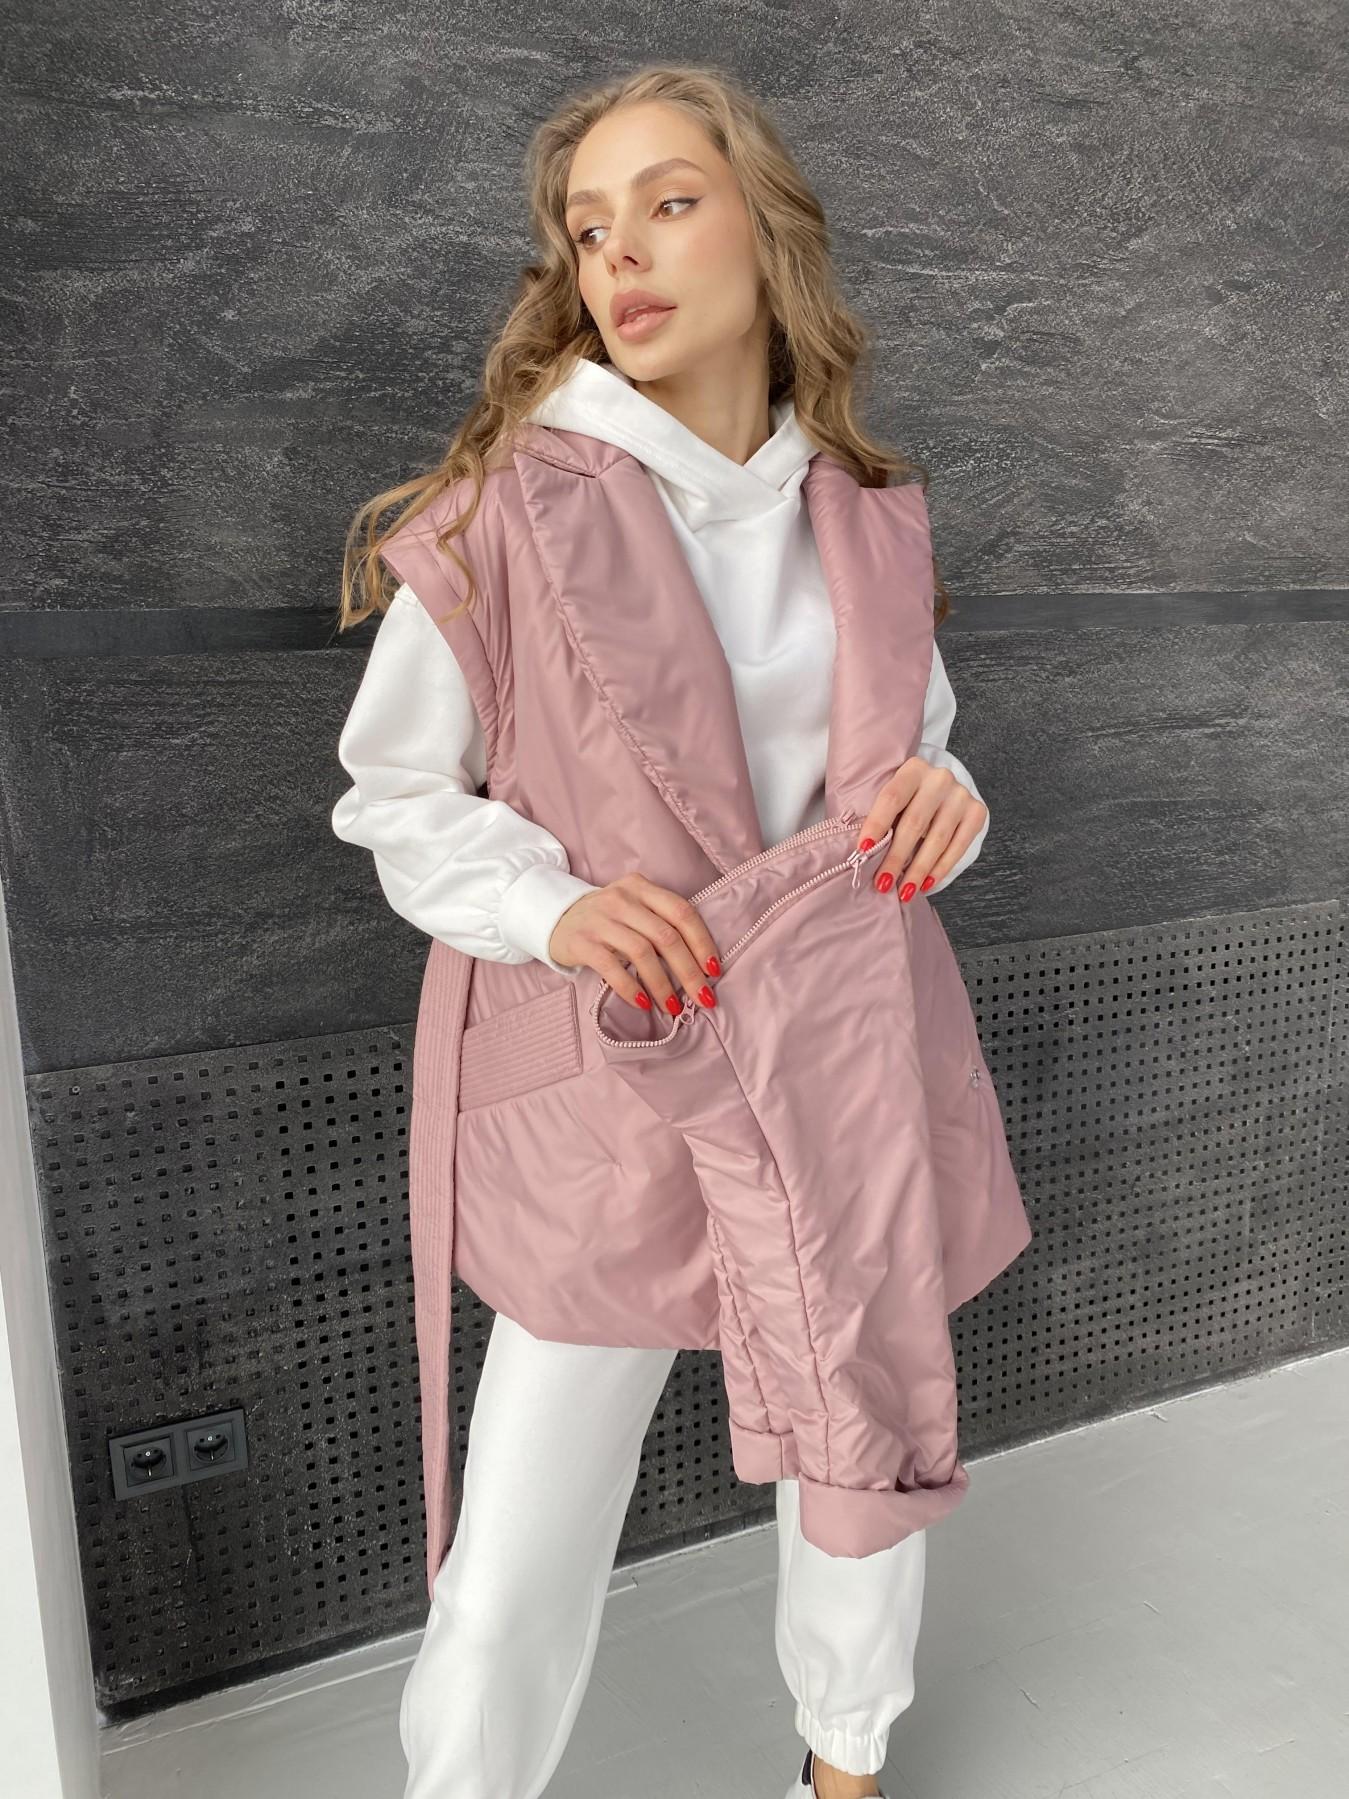 Форбс куртка из плащевой ткани 10986 АРТ. 47477 Цвет: Пудра - фото 12, интернет магазин tm-modus.ru